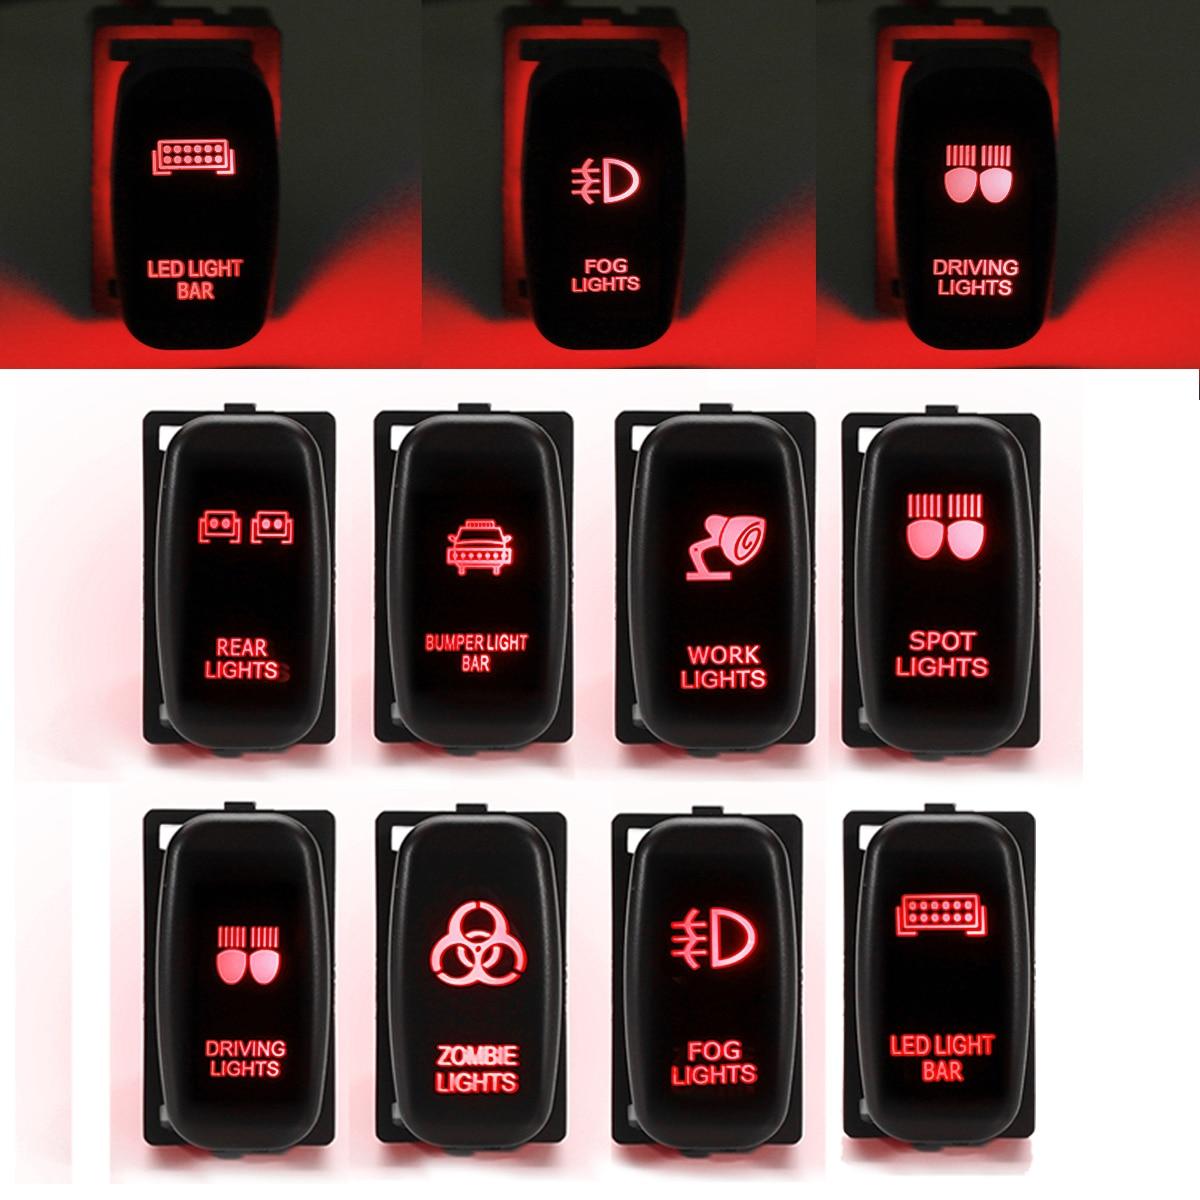 12 v Voiture Push Interrupteur Brouillard Interrupteur de Lumière Spot Travail Conduite Zombie Arrière Lumières Interrupteur Bouton pour Mitsubishi Pajero Triton MQ